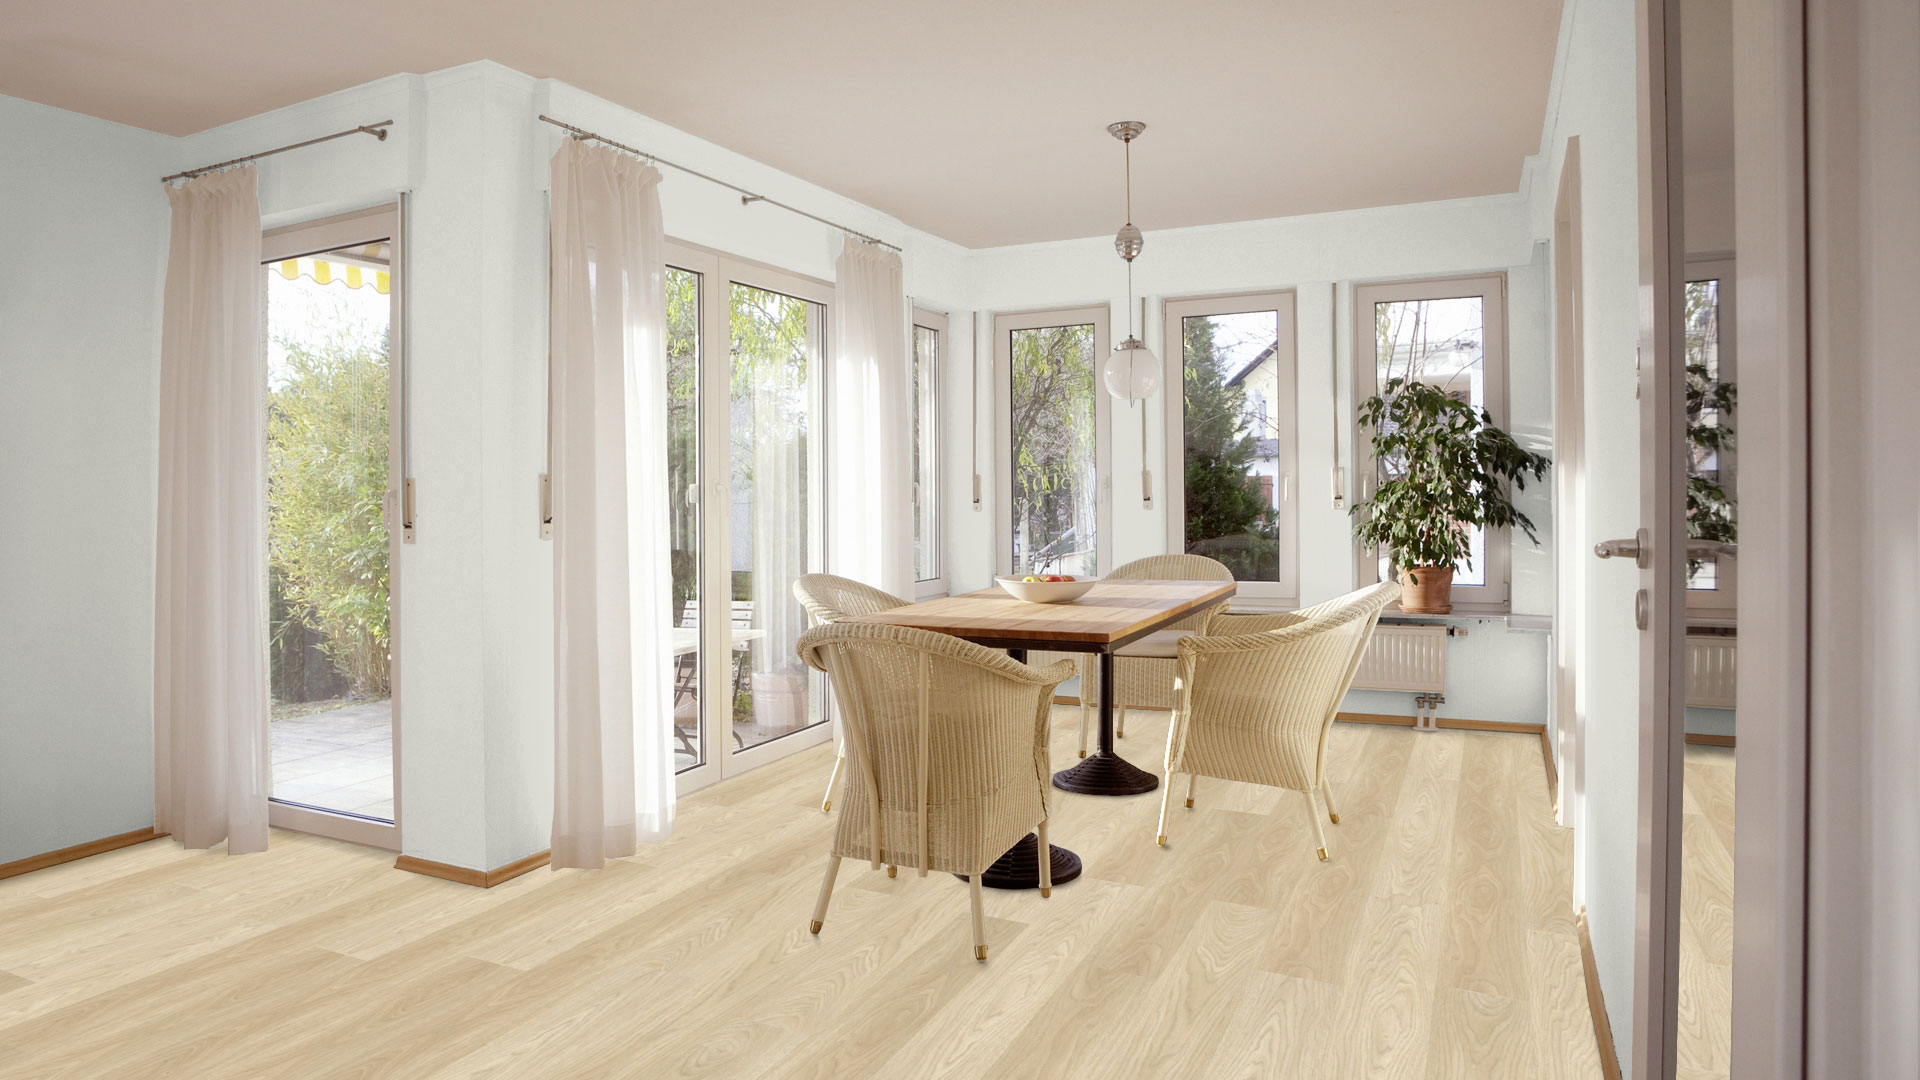 Fußboden In Der Küche ~ Fußboden küche esszimmer ferienhaus landhaus laier landhaus in